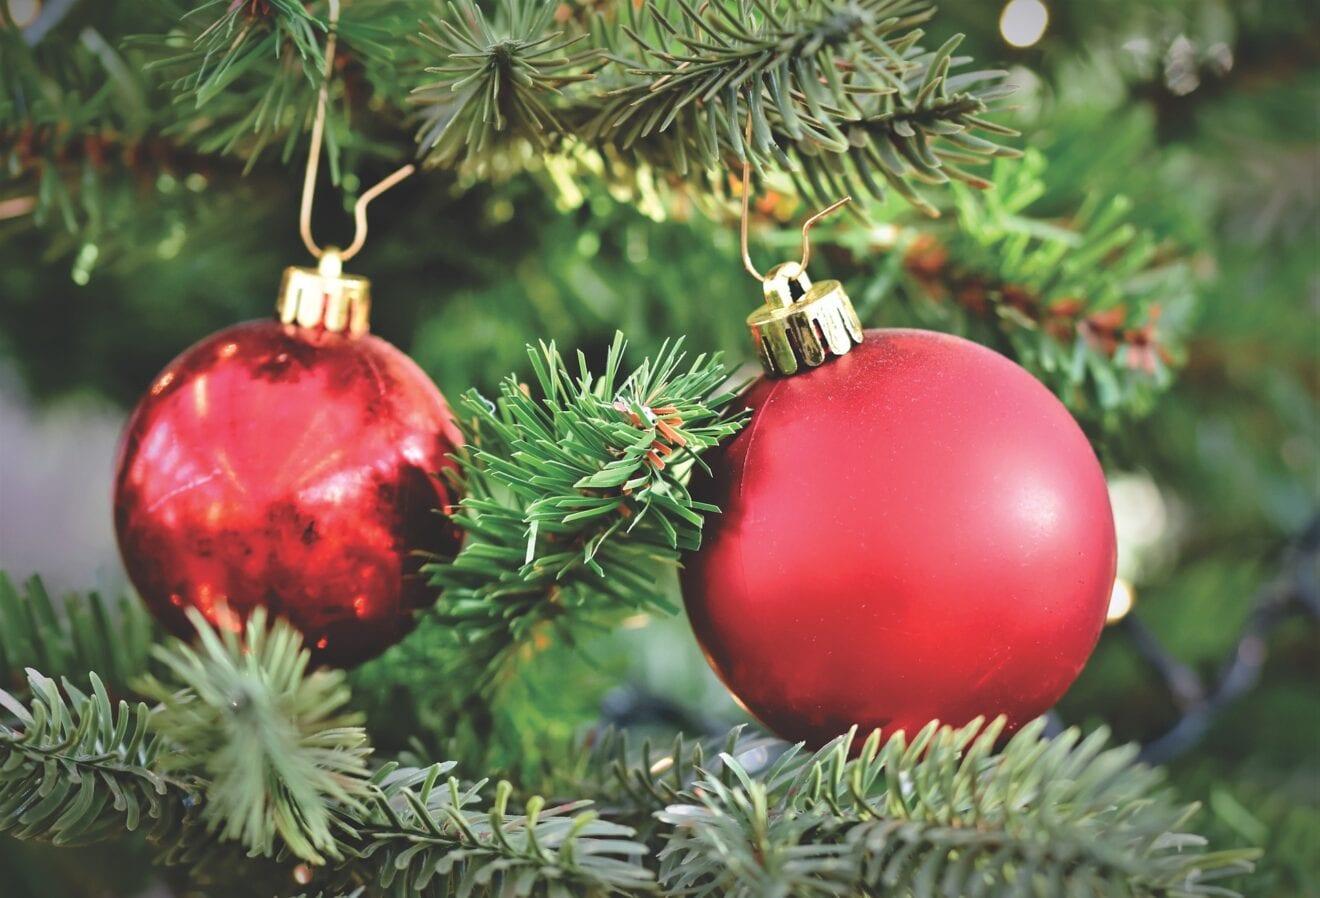 Danske hjem invaderes af insekter i julen